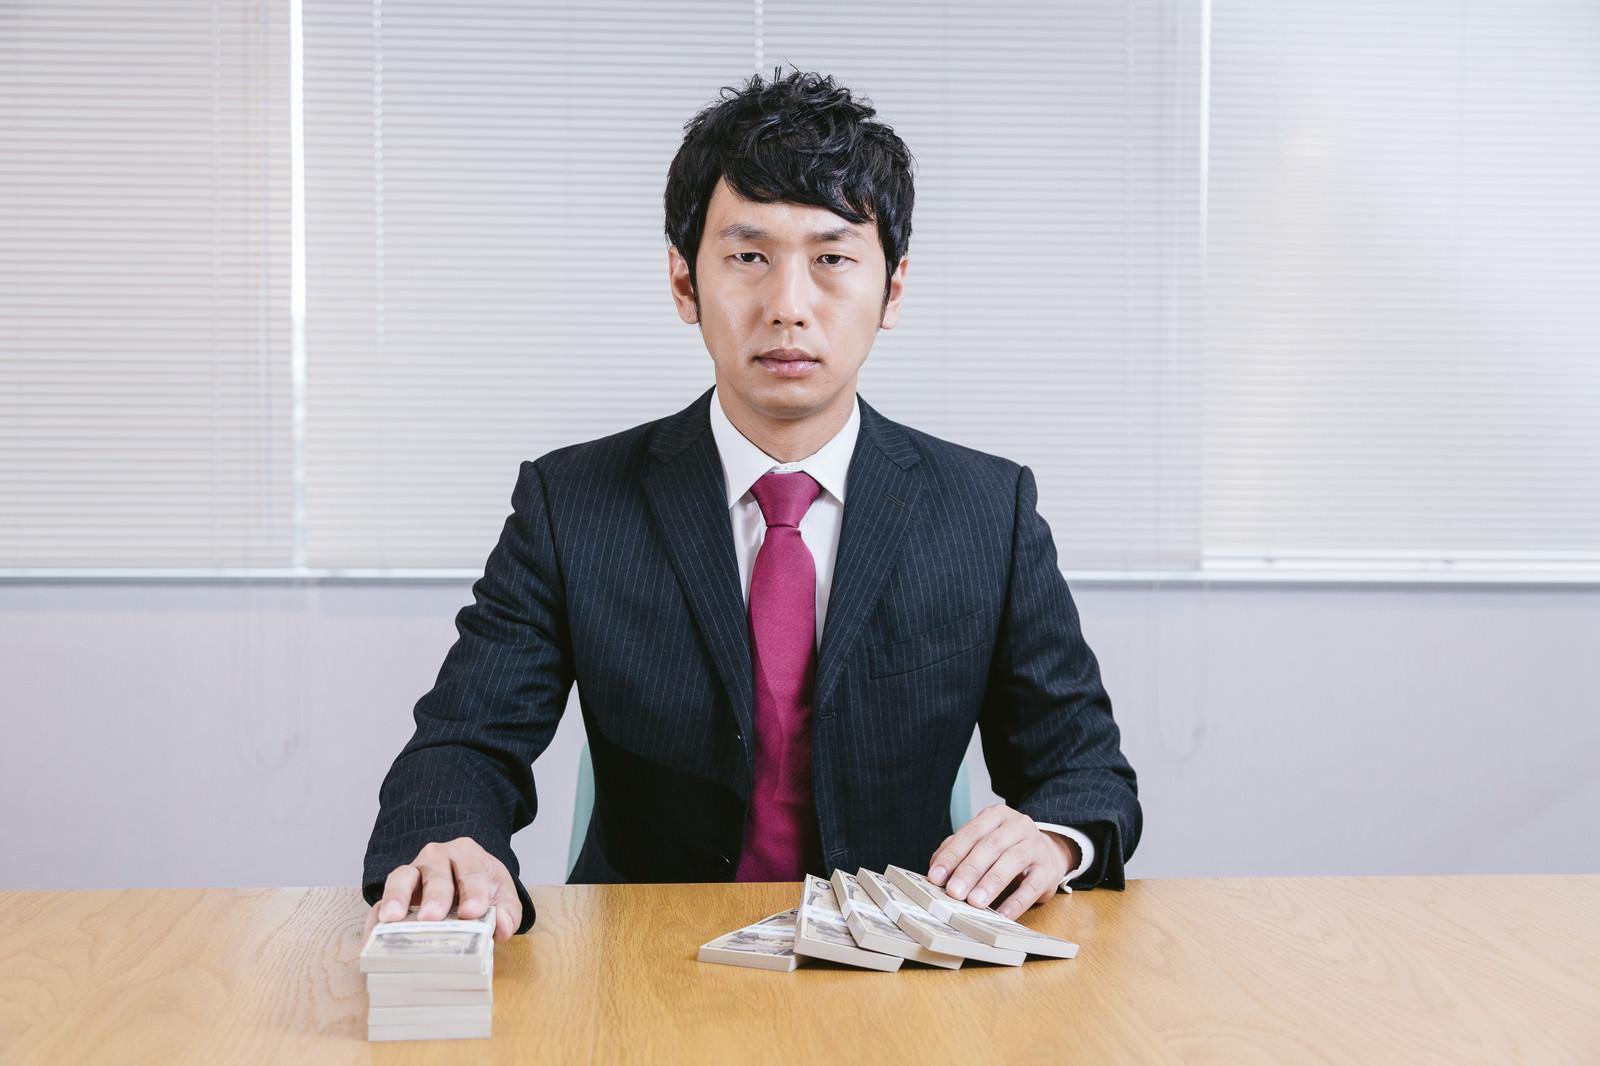 「アルバイトで103万円超えてしまったらどうなりますか?」の写真[モデル:大川竜弥]